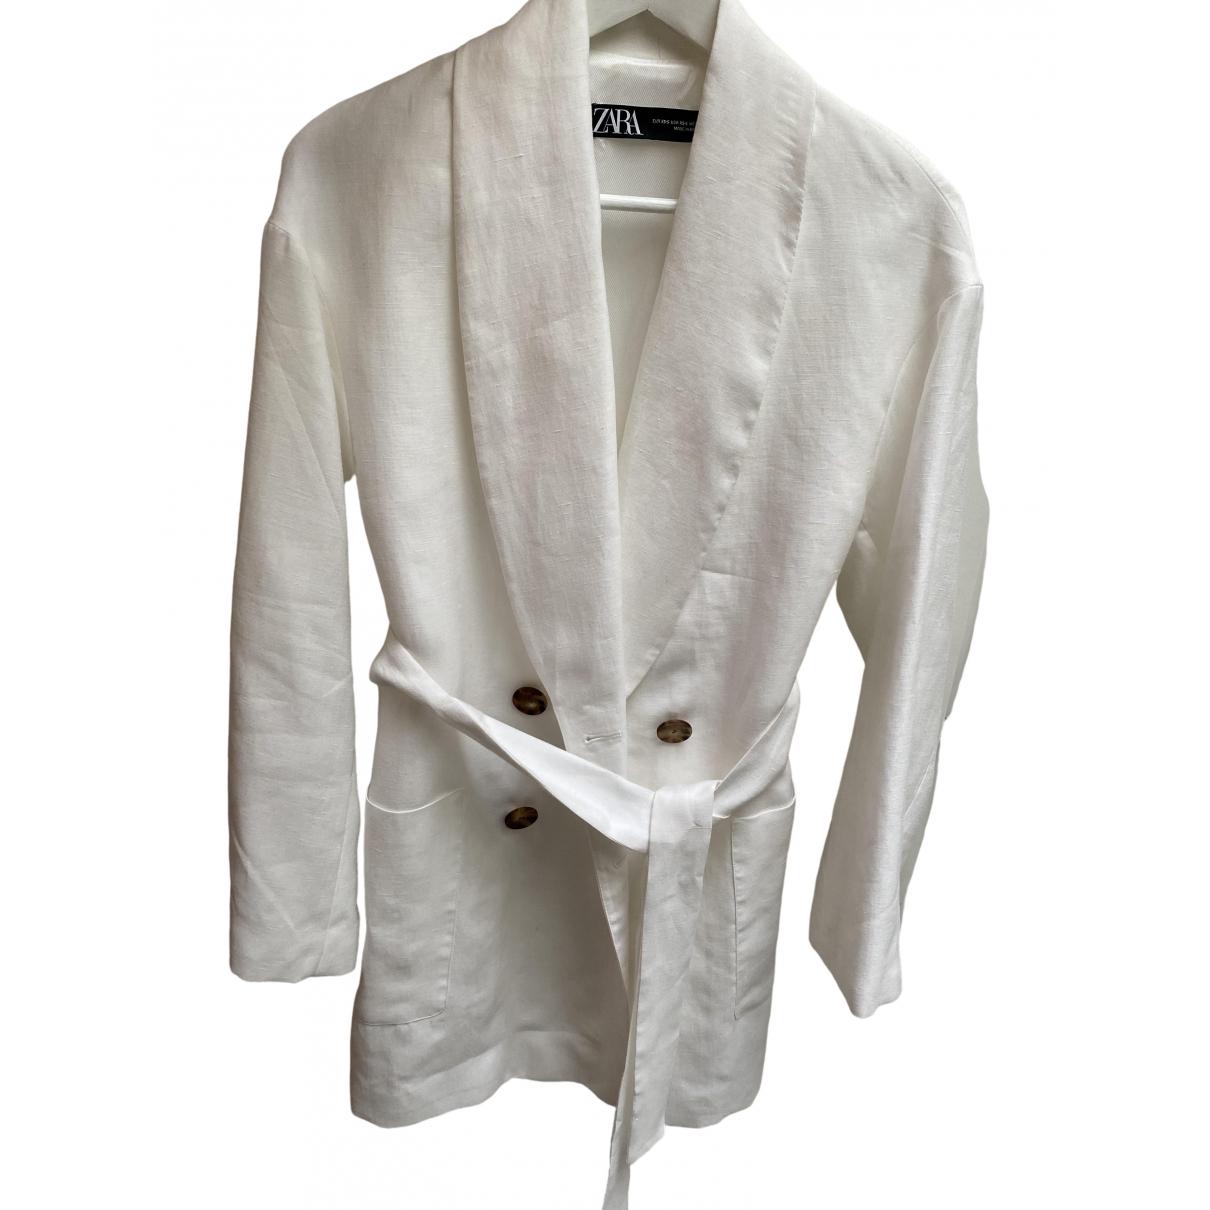 Zara \N White Linen jacket for Women S International